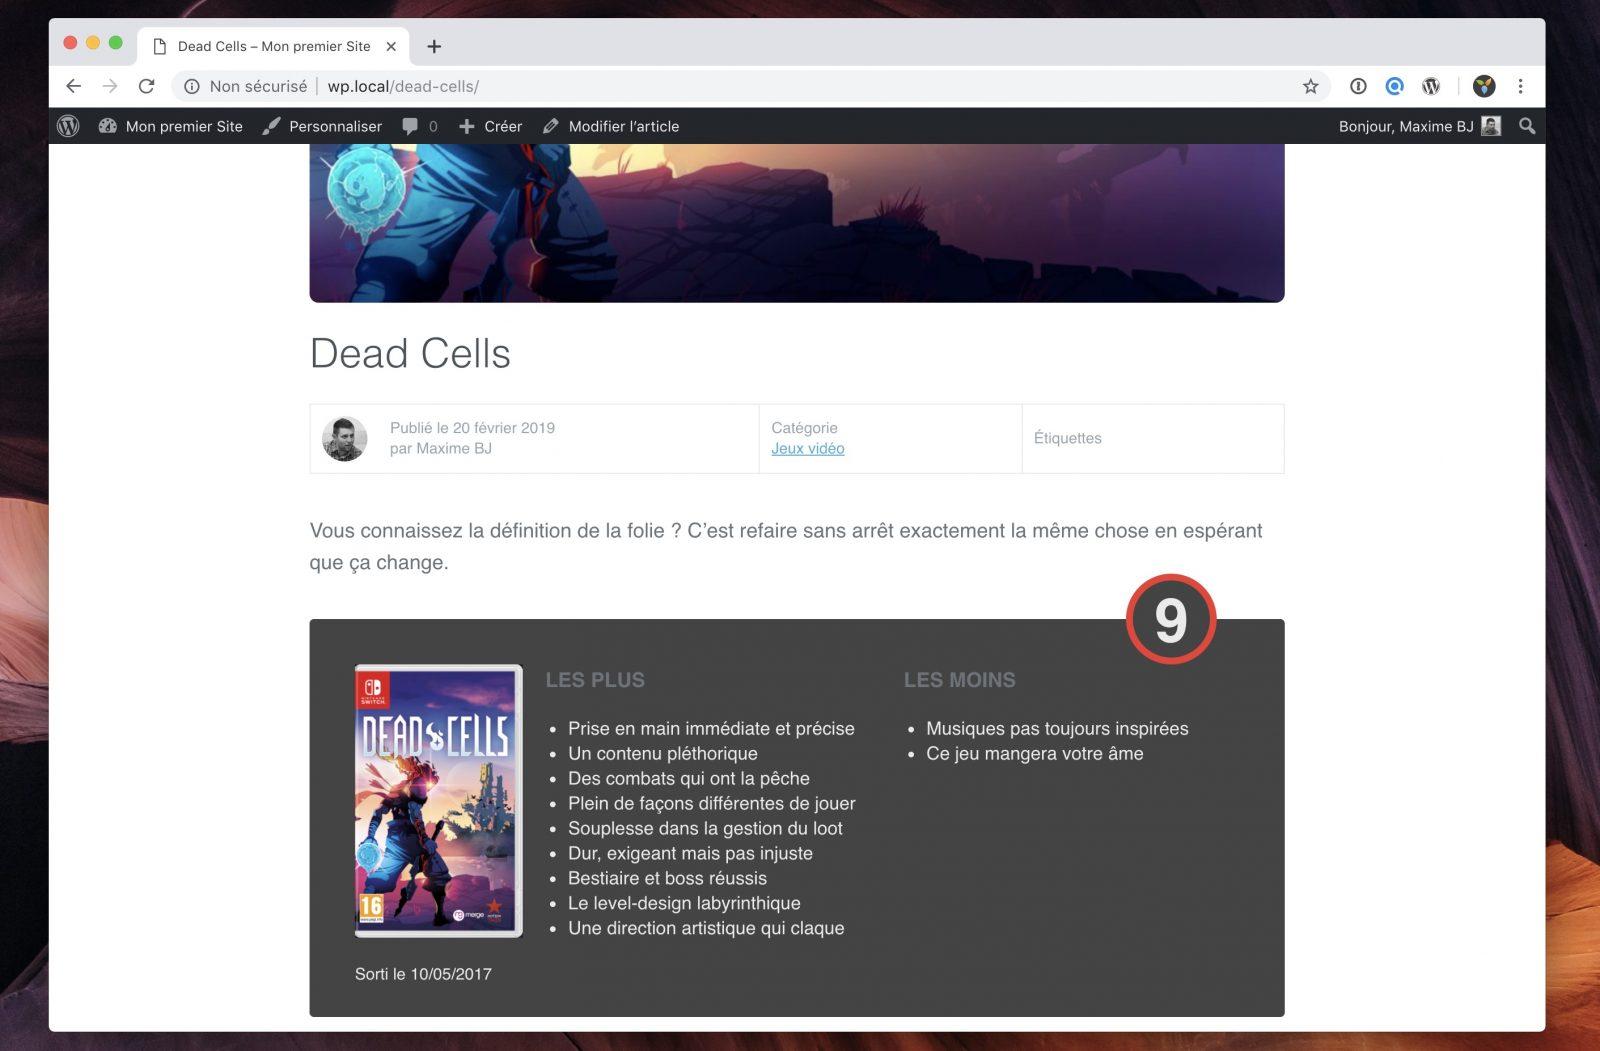 Un bloc critique permet de faire la synthèse du test d'un jeu